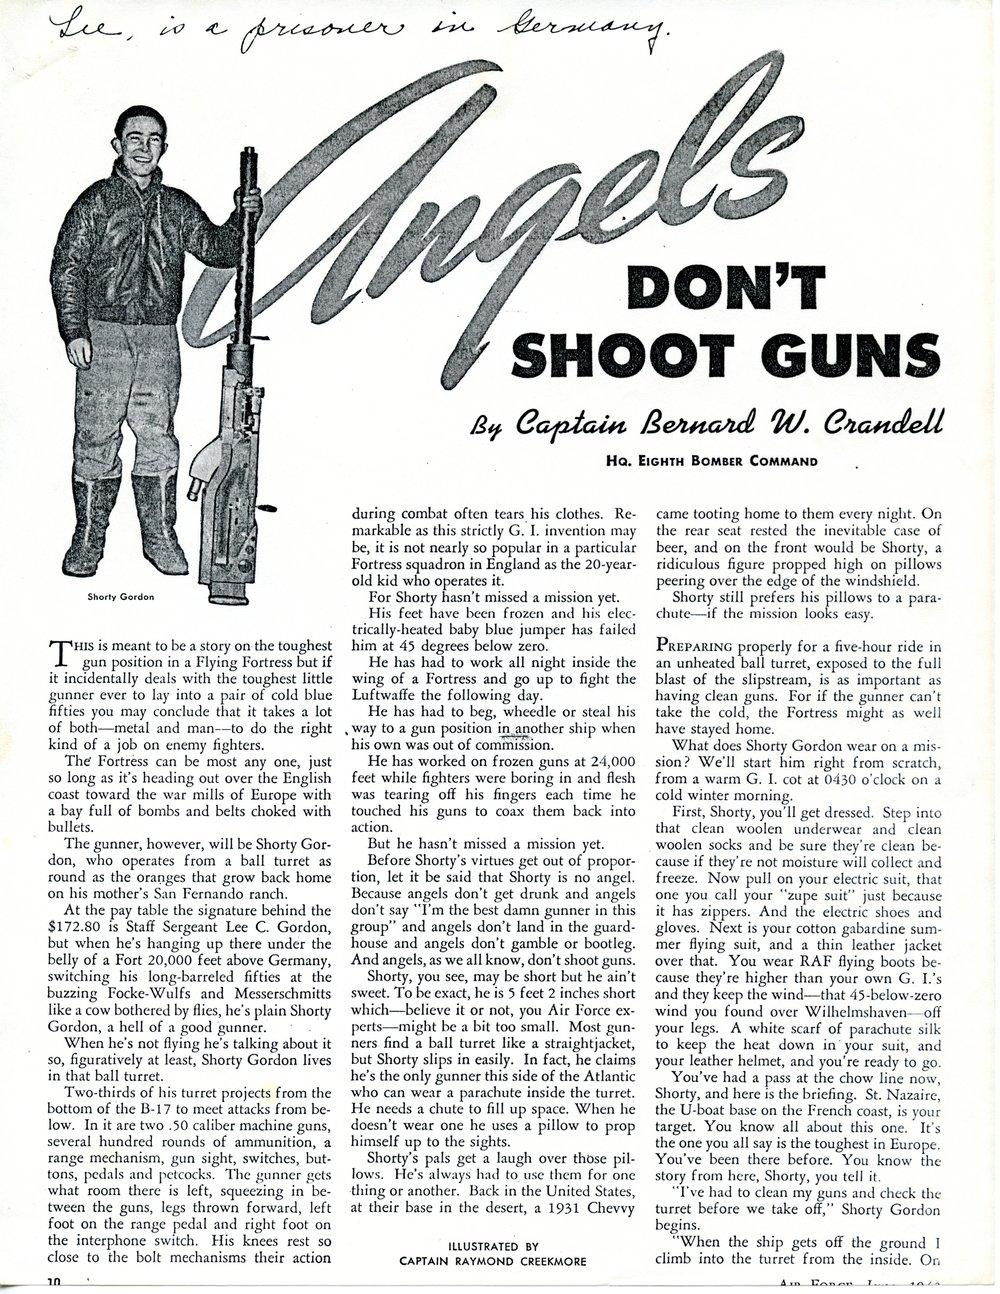 Angels-Dont-Shoot-Guns001.jpg